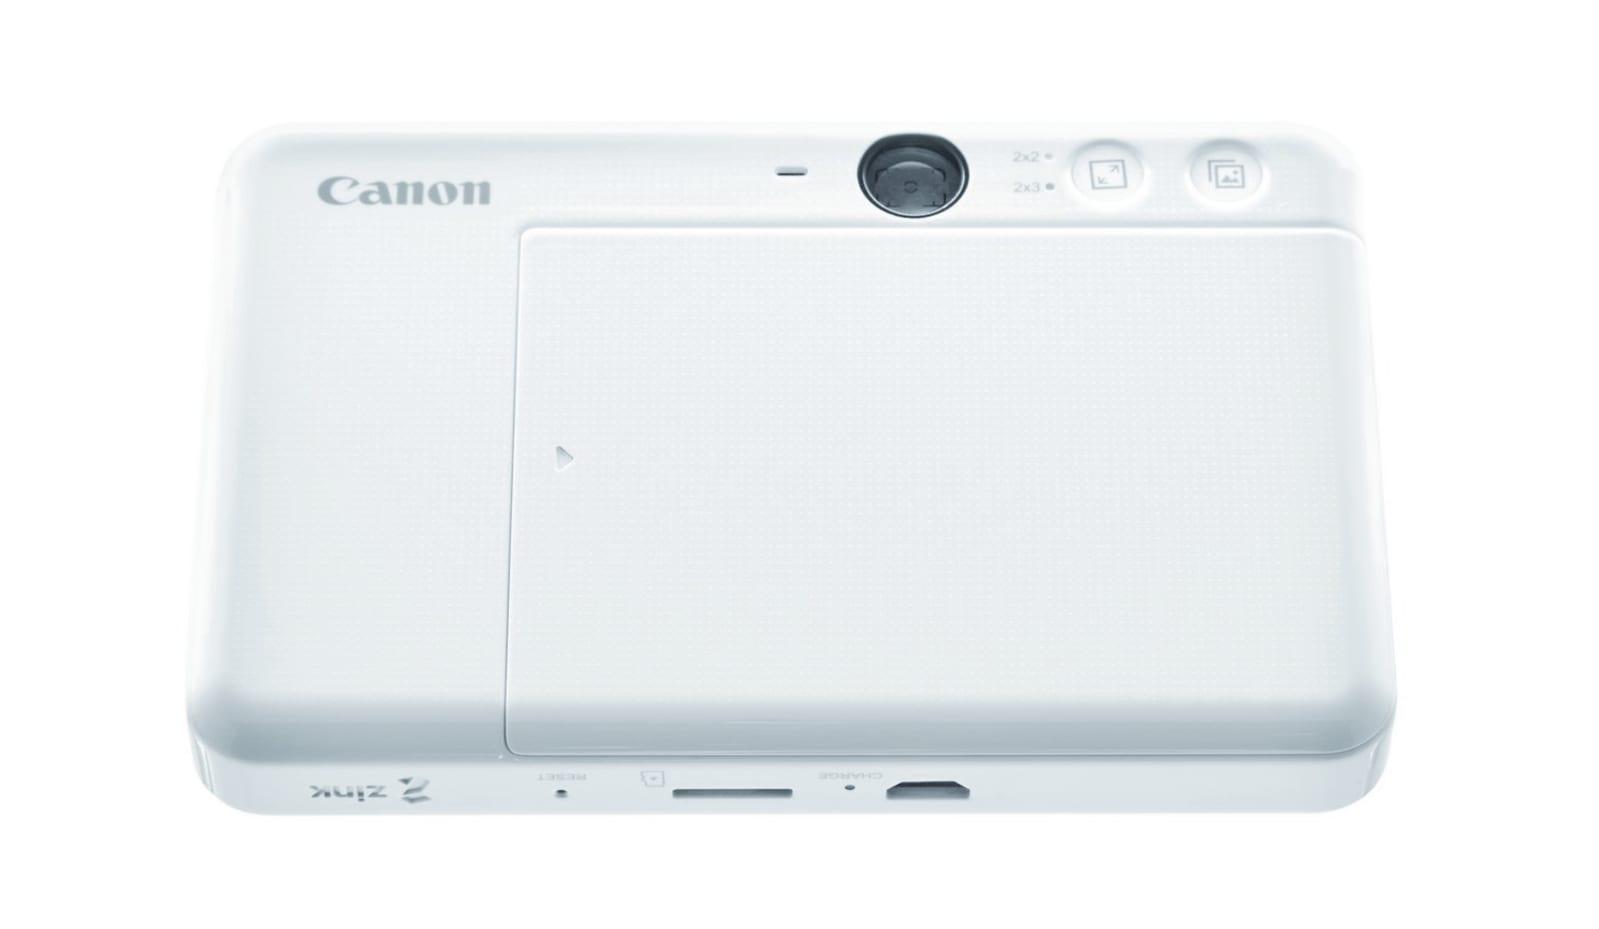 Canon IVY CLIQ and CLIQ+ instant cameras